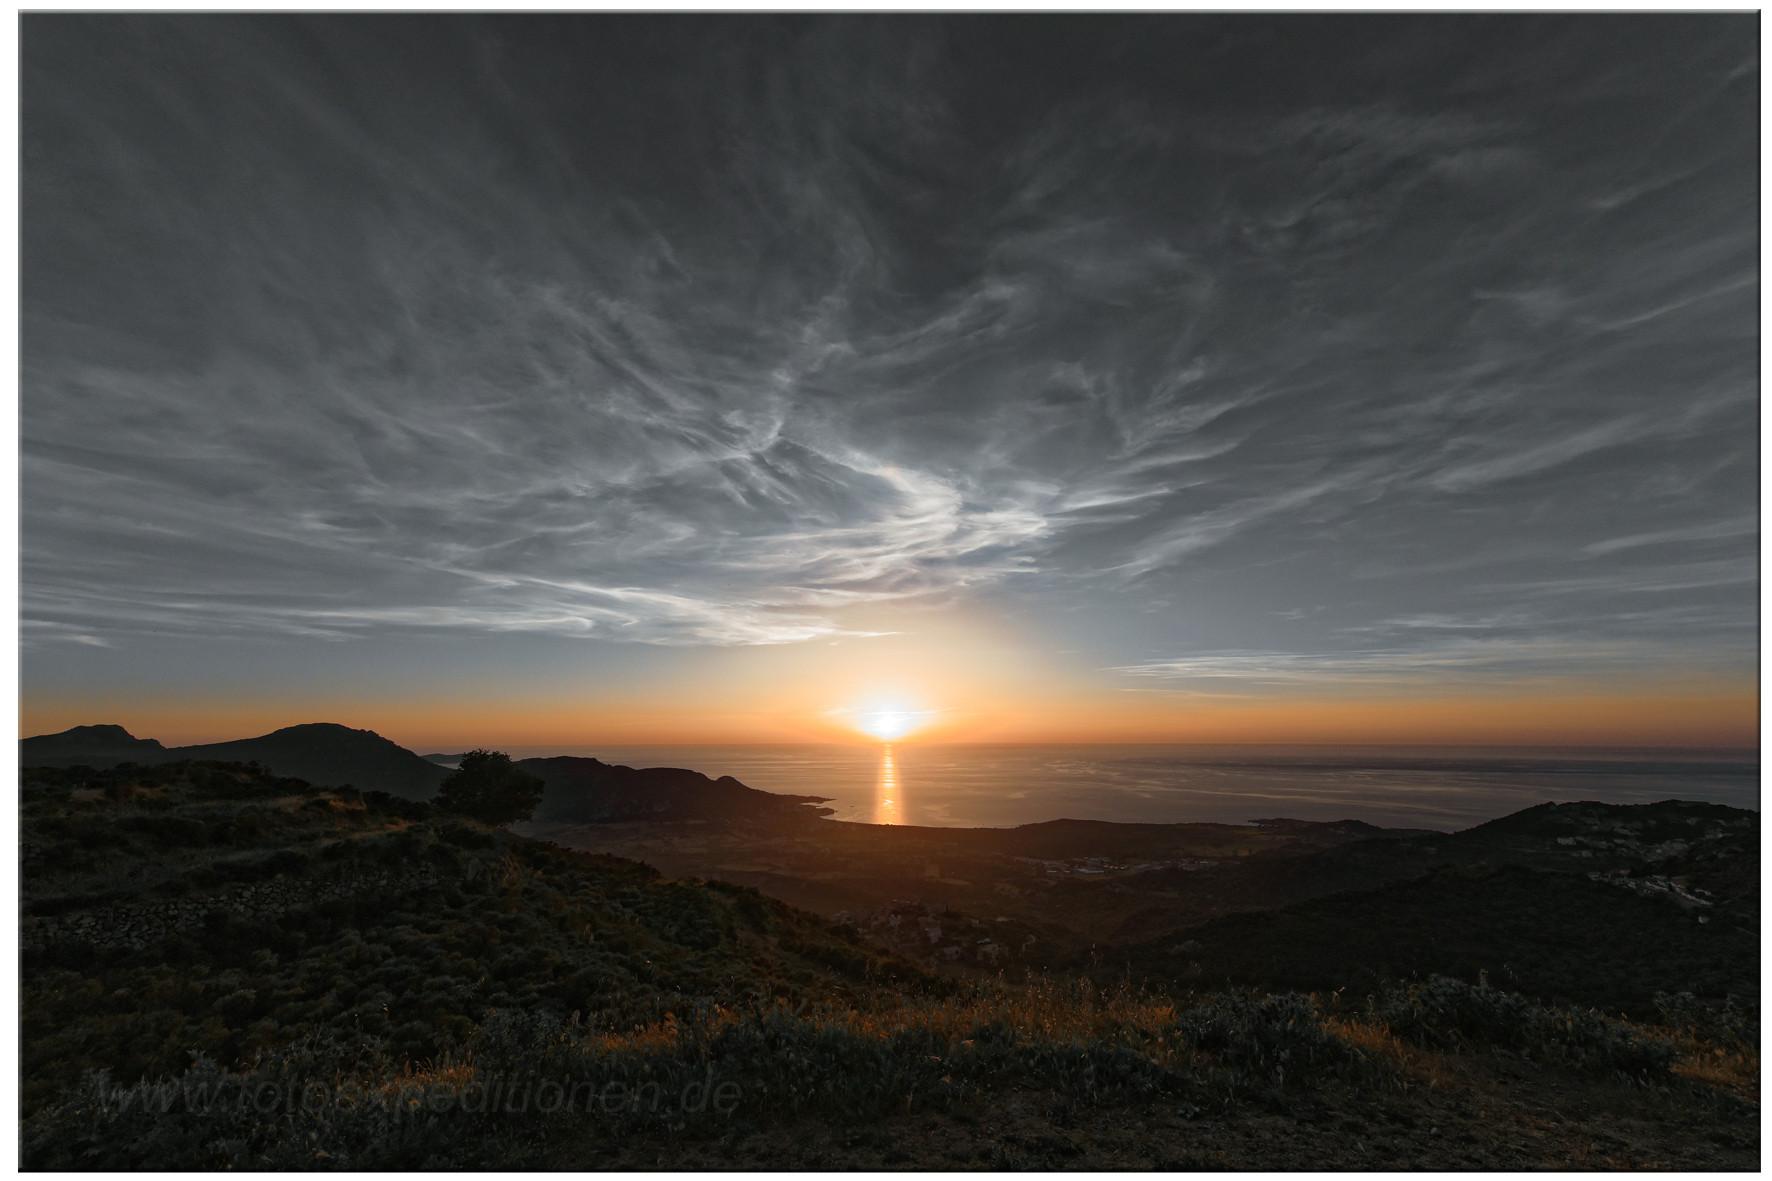 Sonnenuntergang an der Bucht von Algajola, Korsika